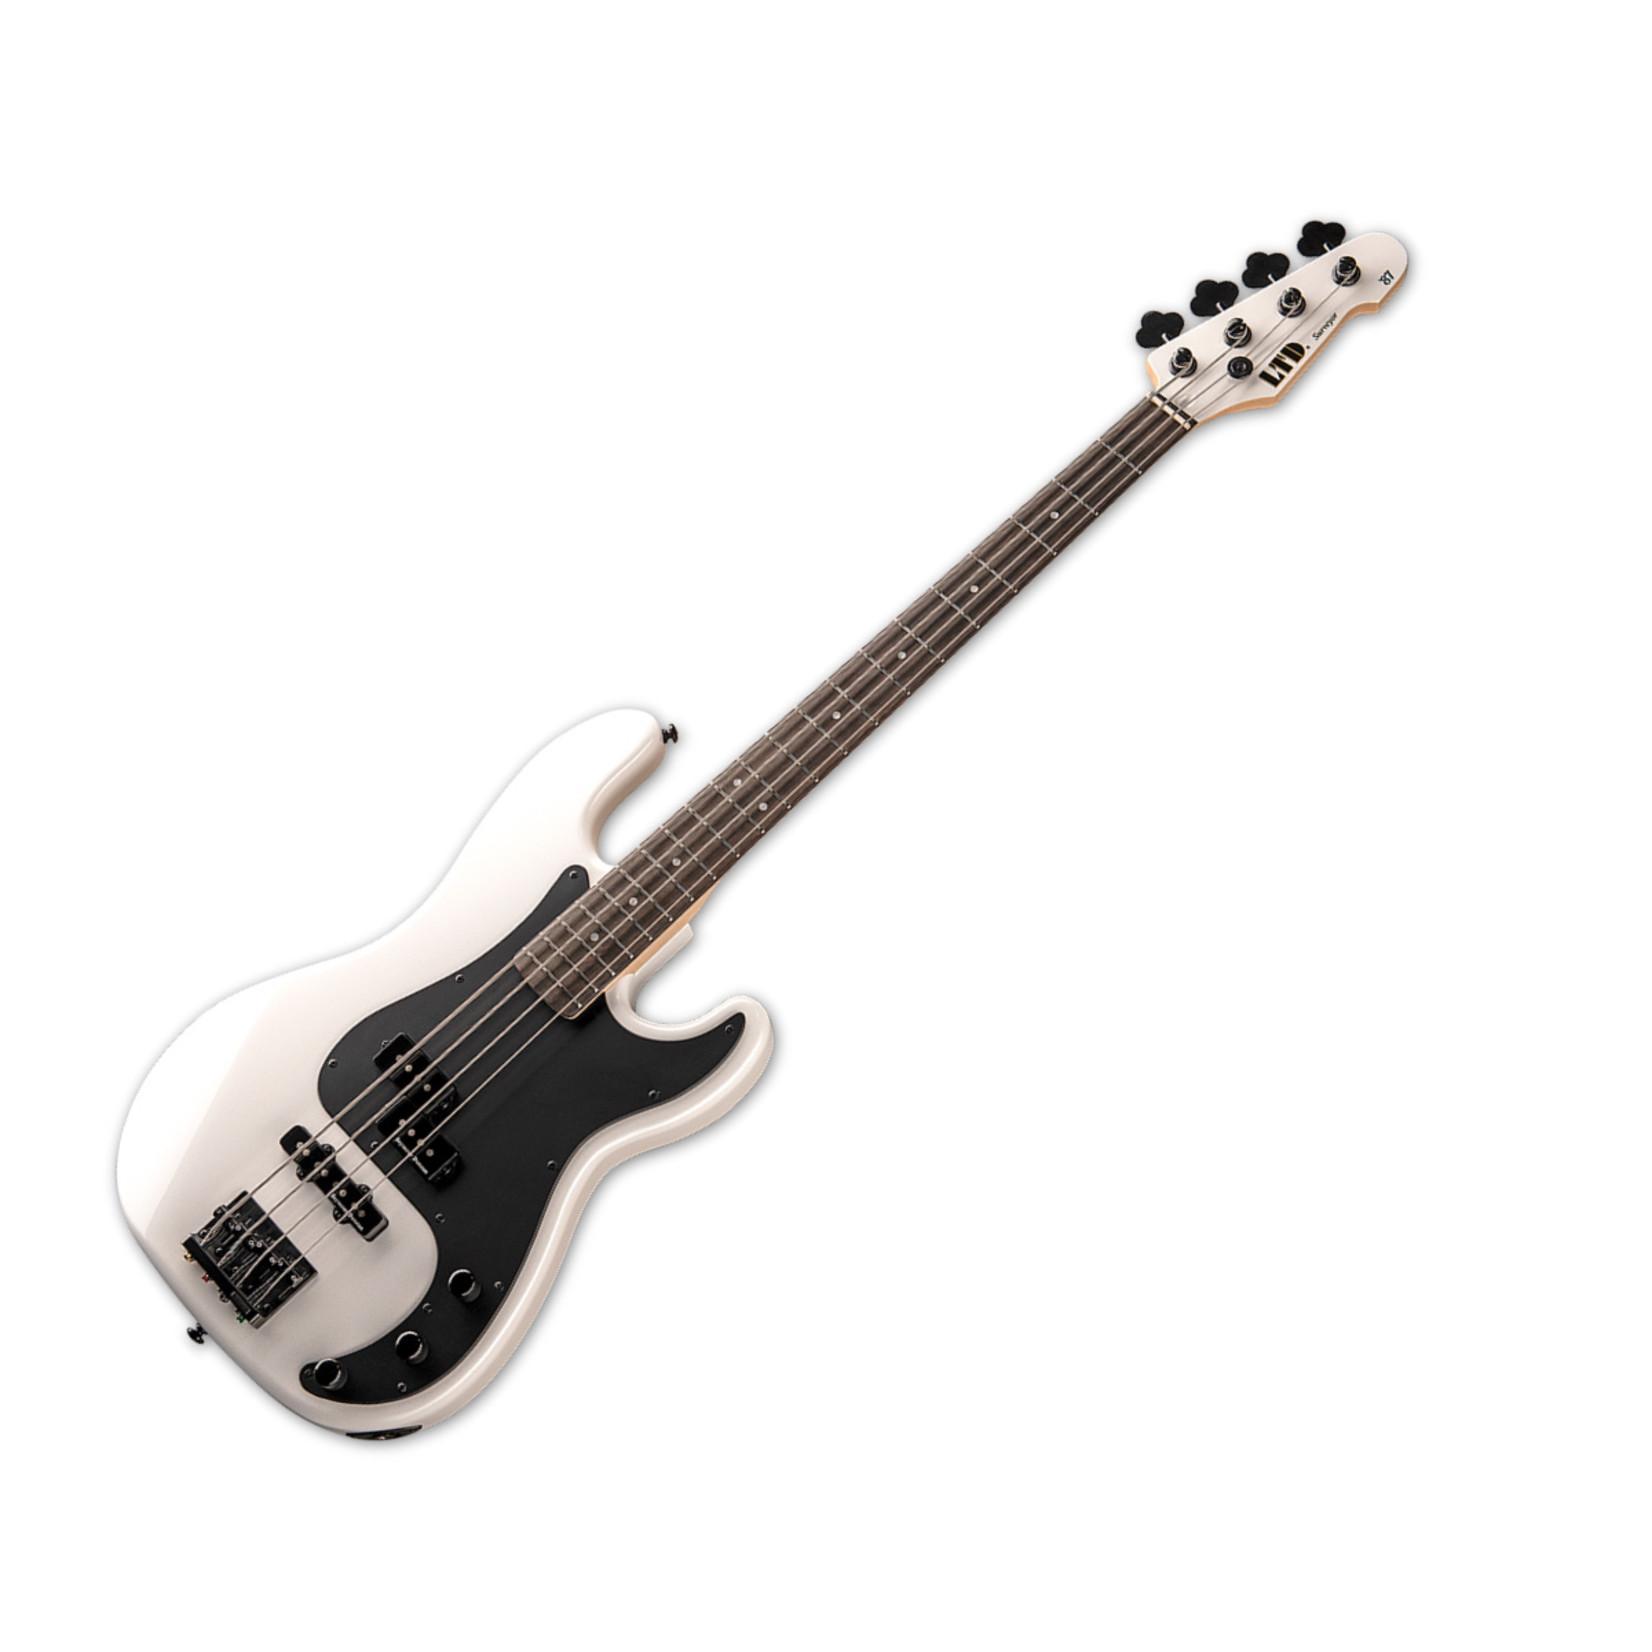 LTD LTD Surveyor '87 Bass, Pearl White - Premier Plus Dealer!